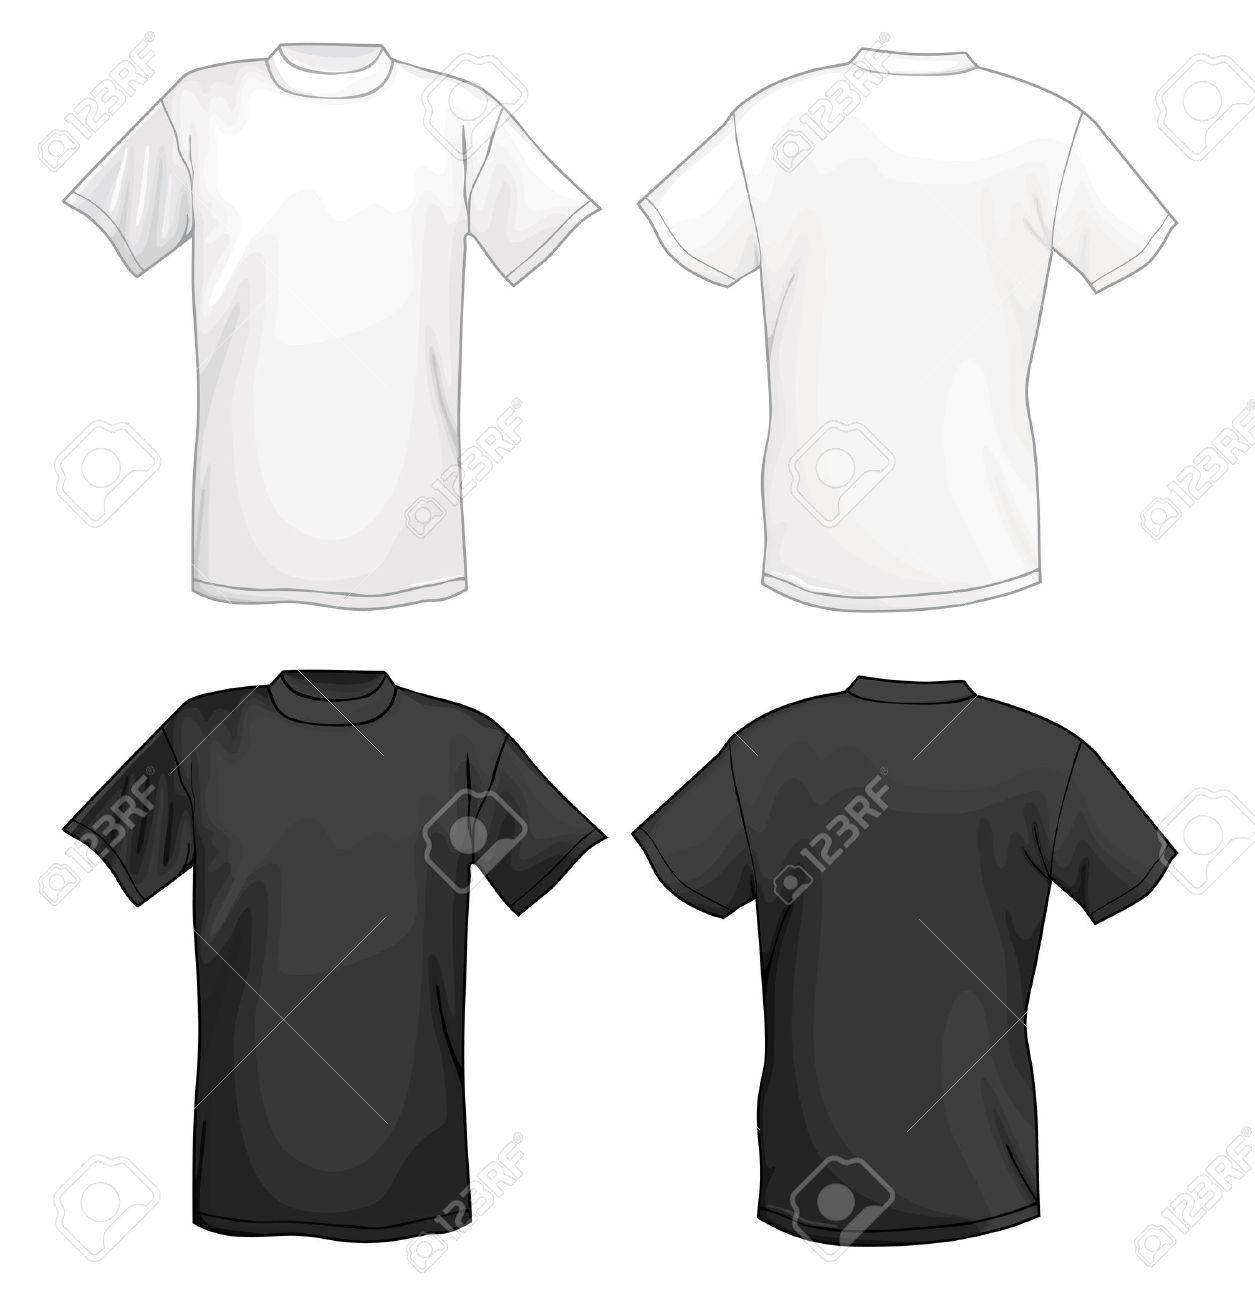 Black t shirt vector ai -  Vector T Shirt Download